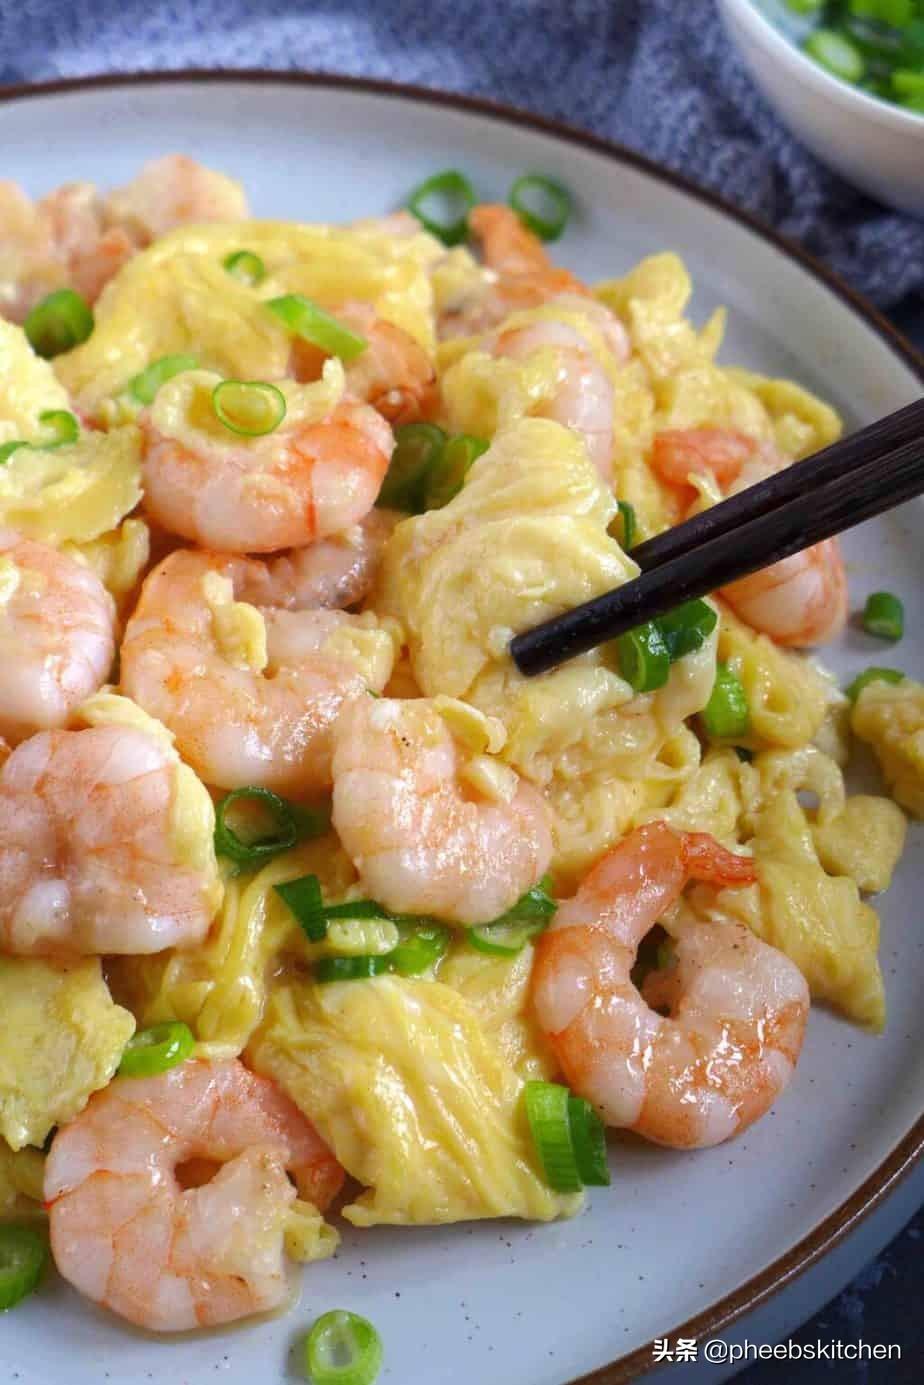 广东特色的虾仁滑蛋做法,滑嫩鲜香,清淡美味,老人小孩超爱吃 美食做法 第1张